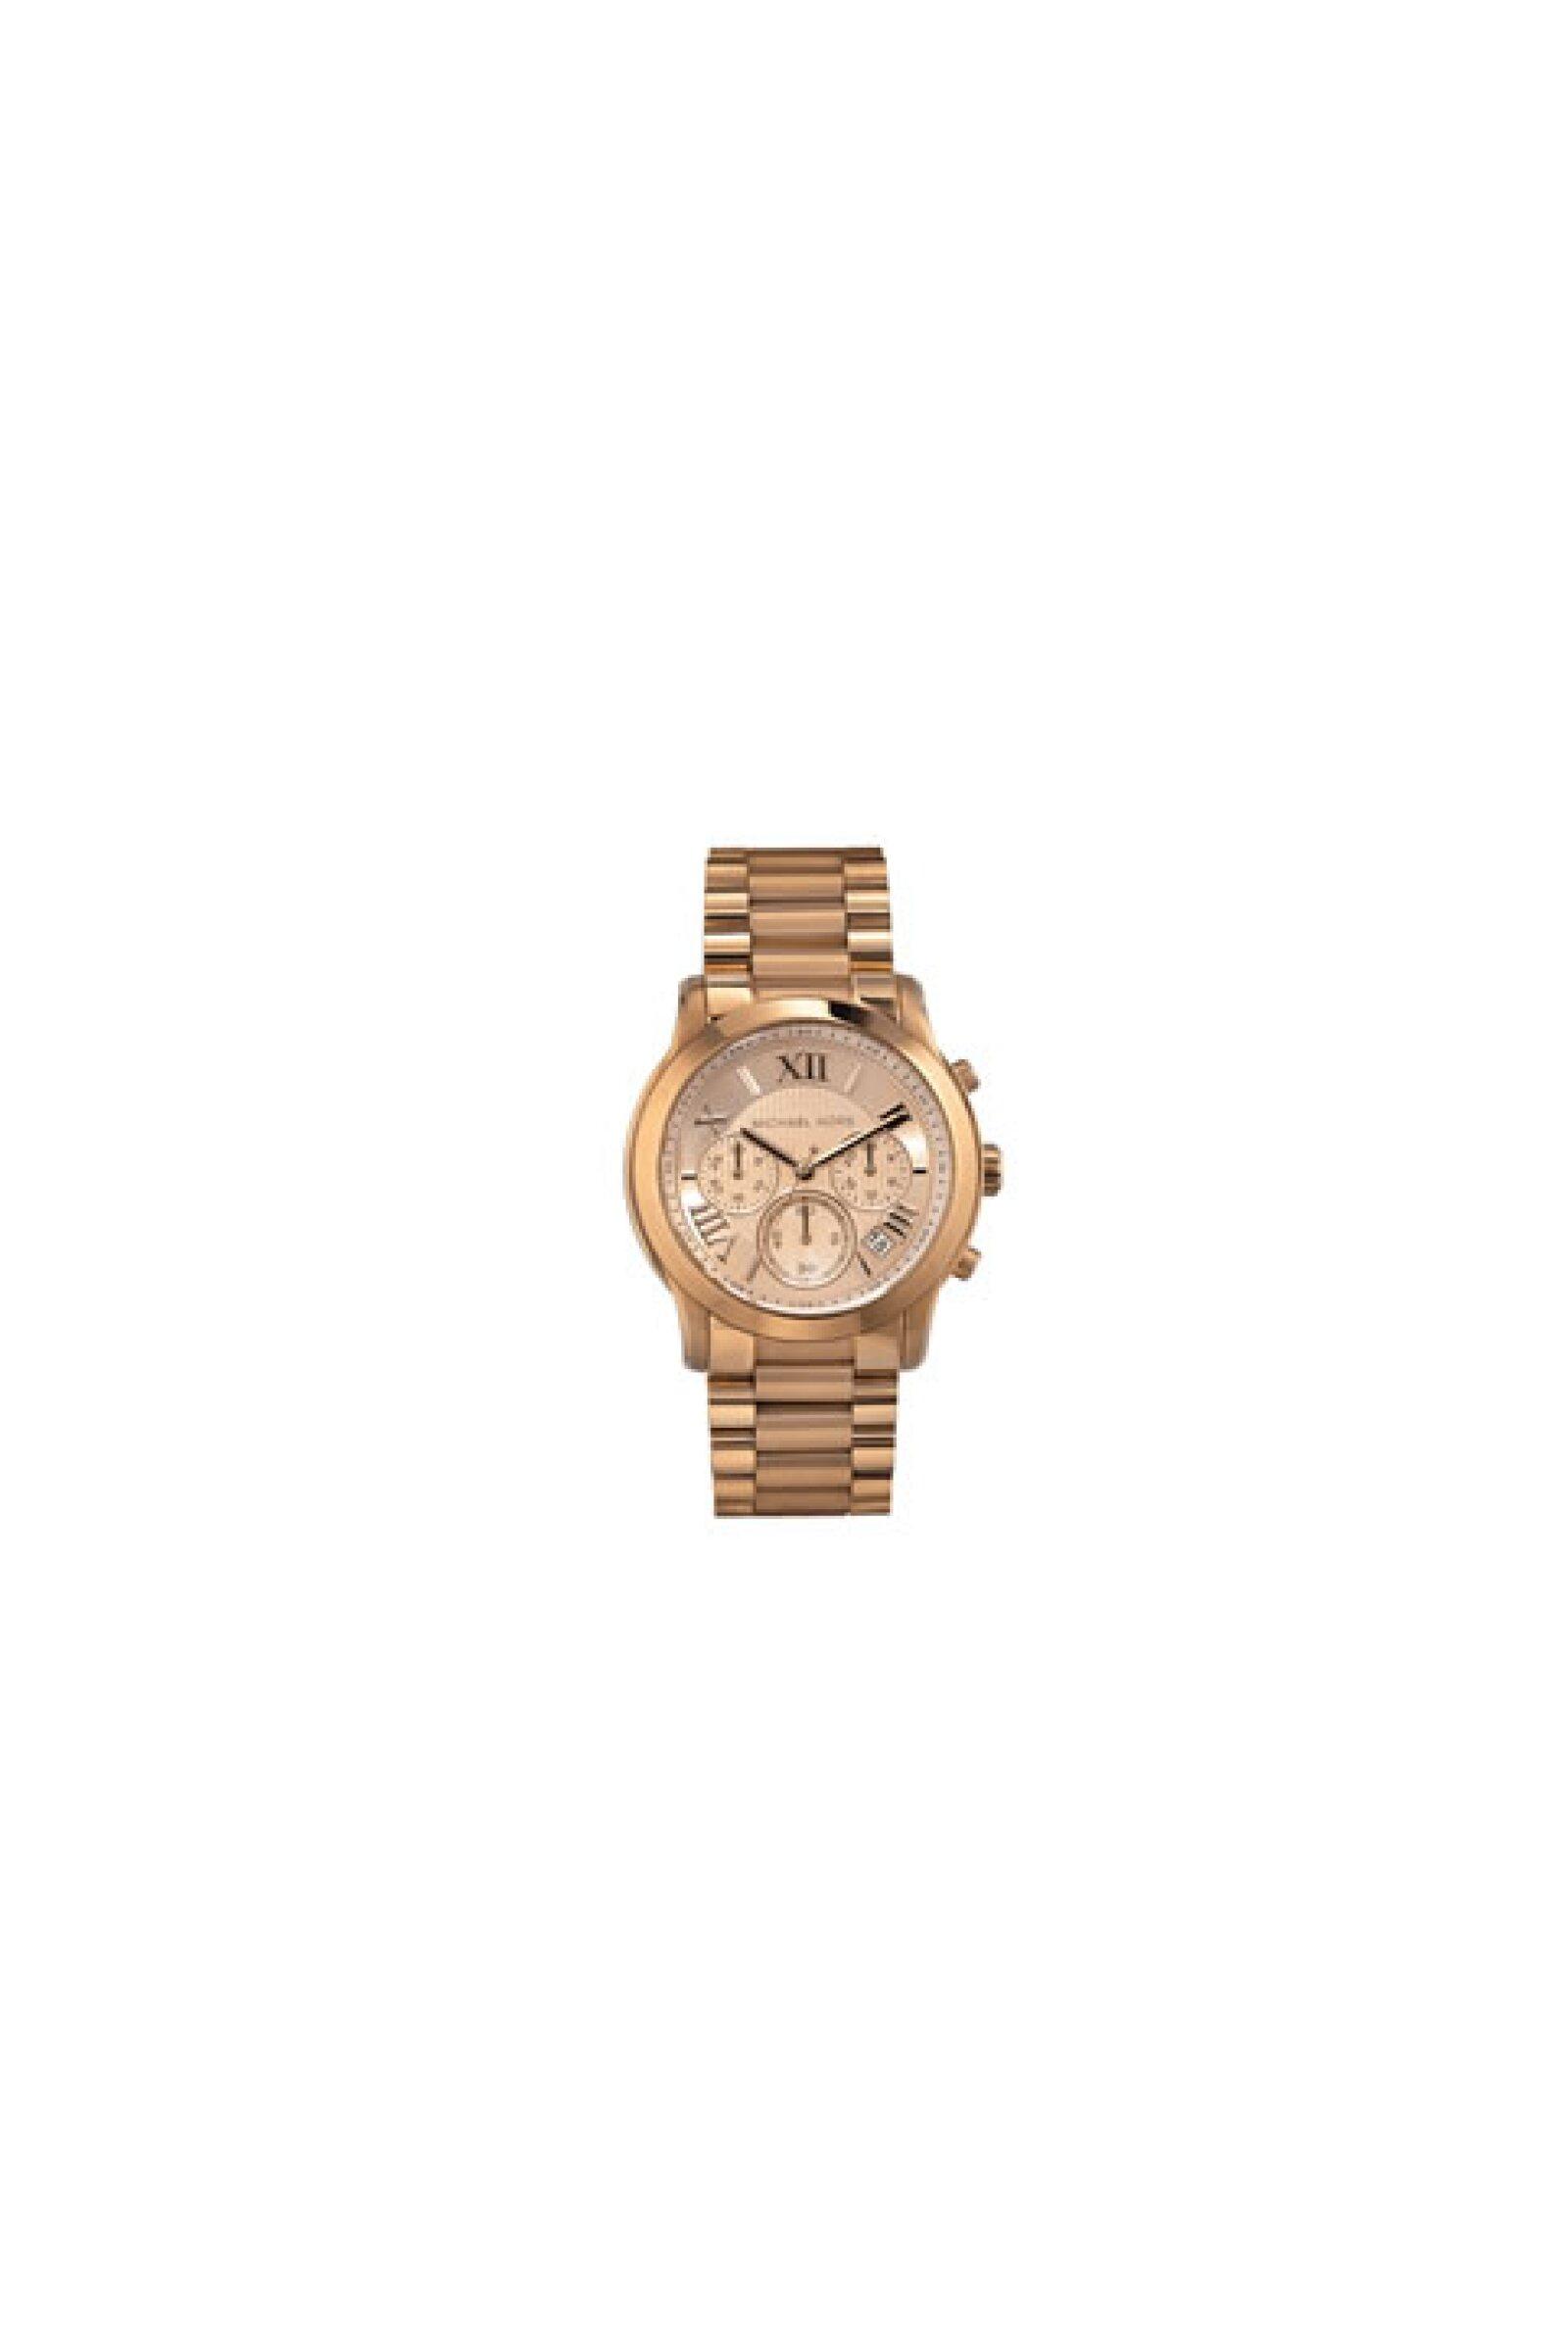 La puntualidad es una de sus más grandes virtudes, ayúdala a mantener el ritmo y la presión del trabajo con un reloj como el de Michael Kors.